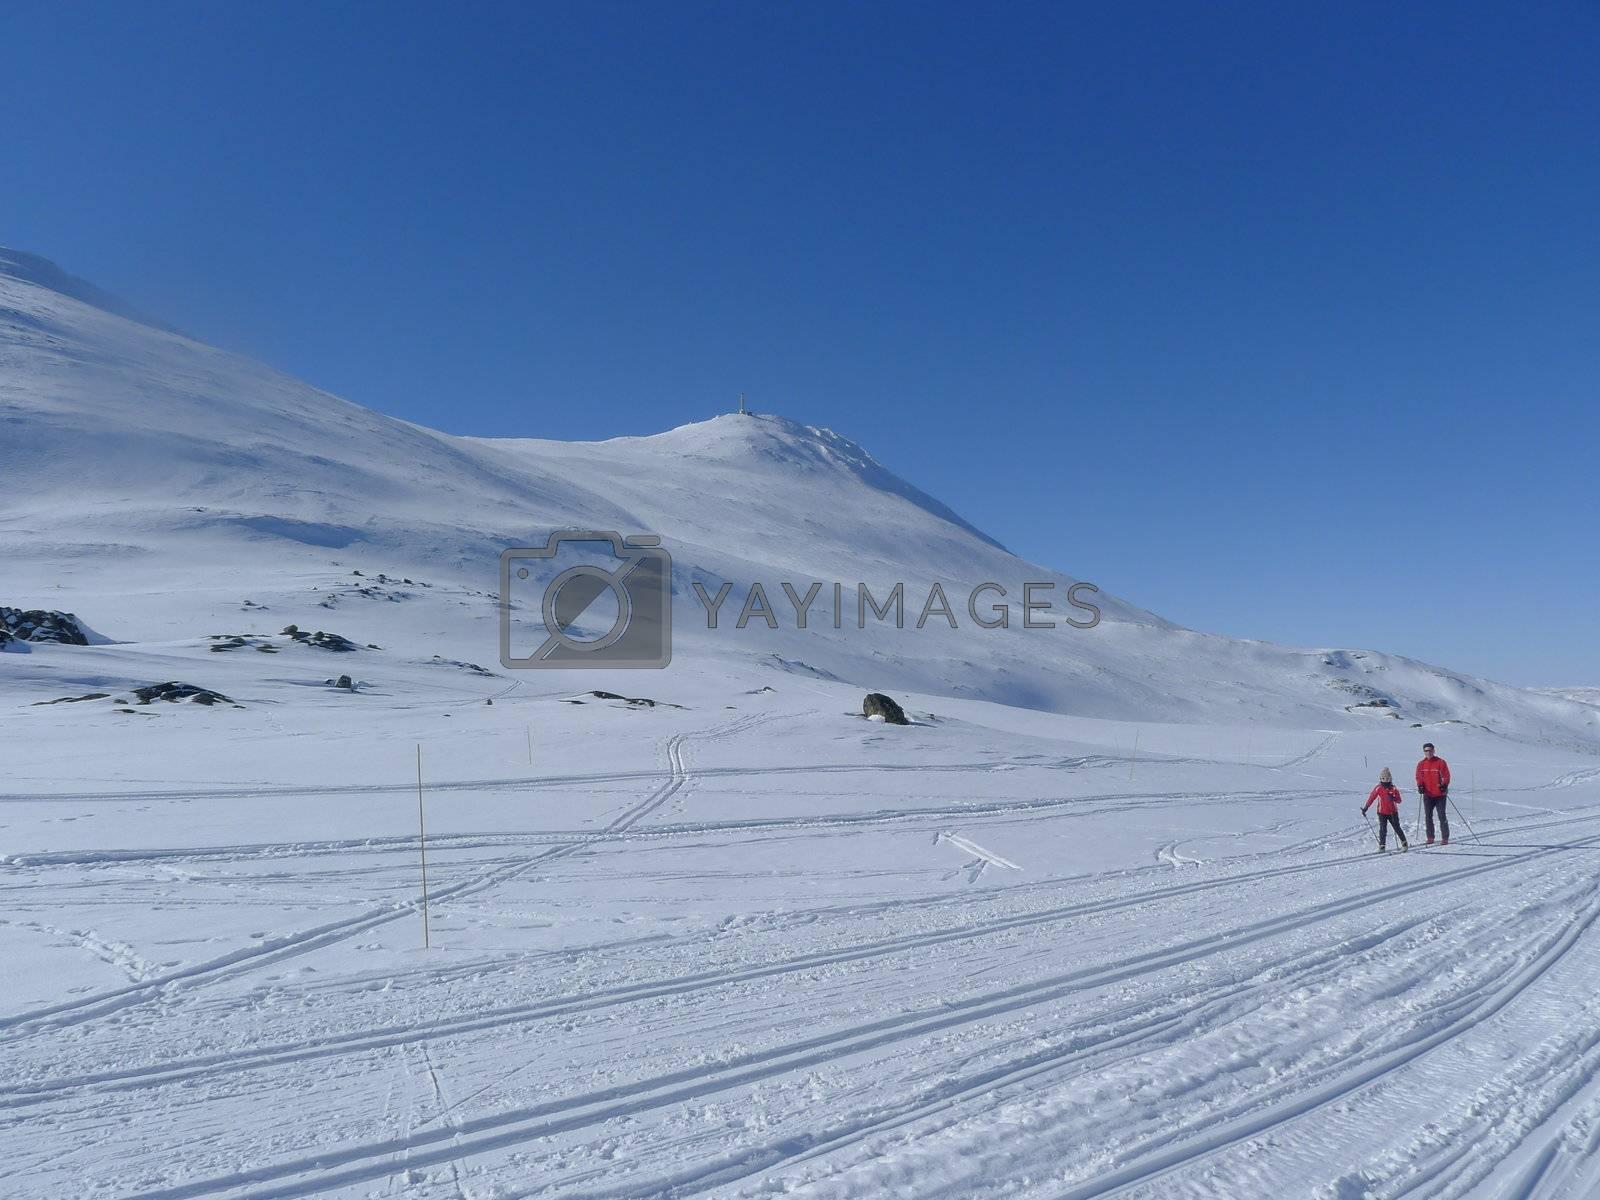 Skiing at Gaustatoppen, Norway